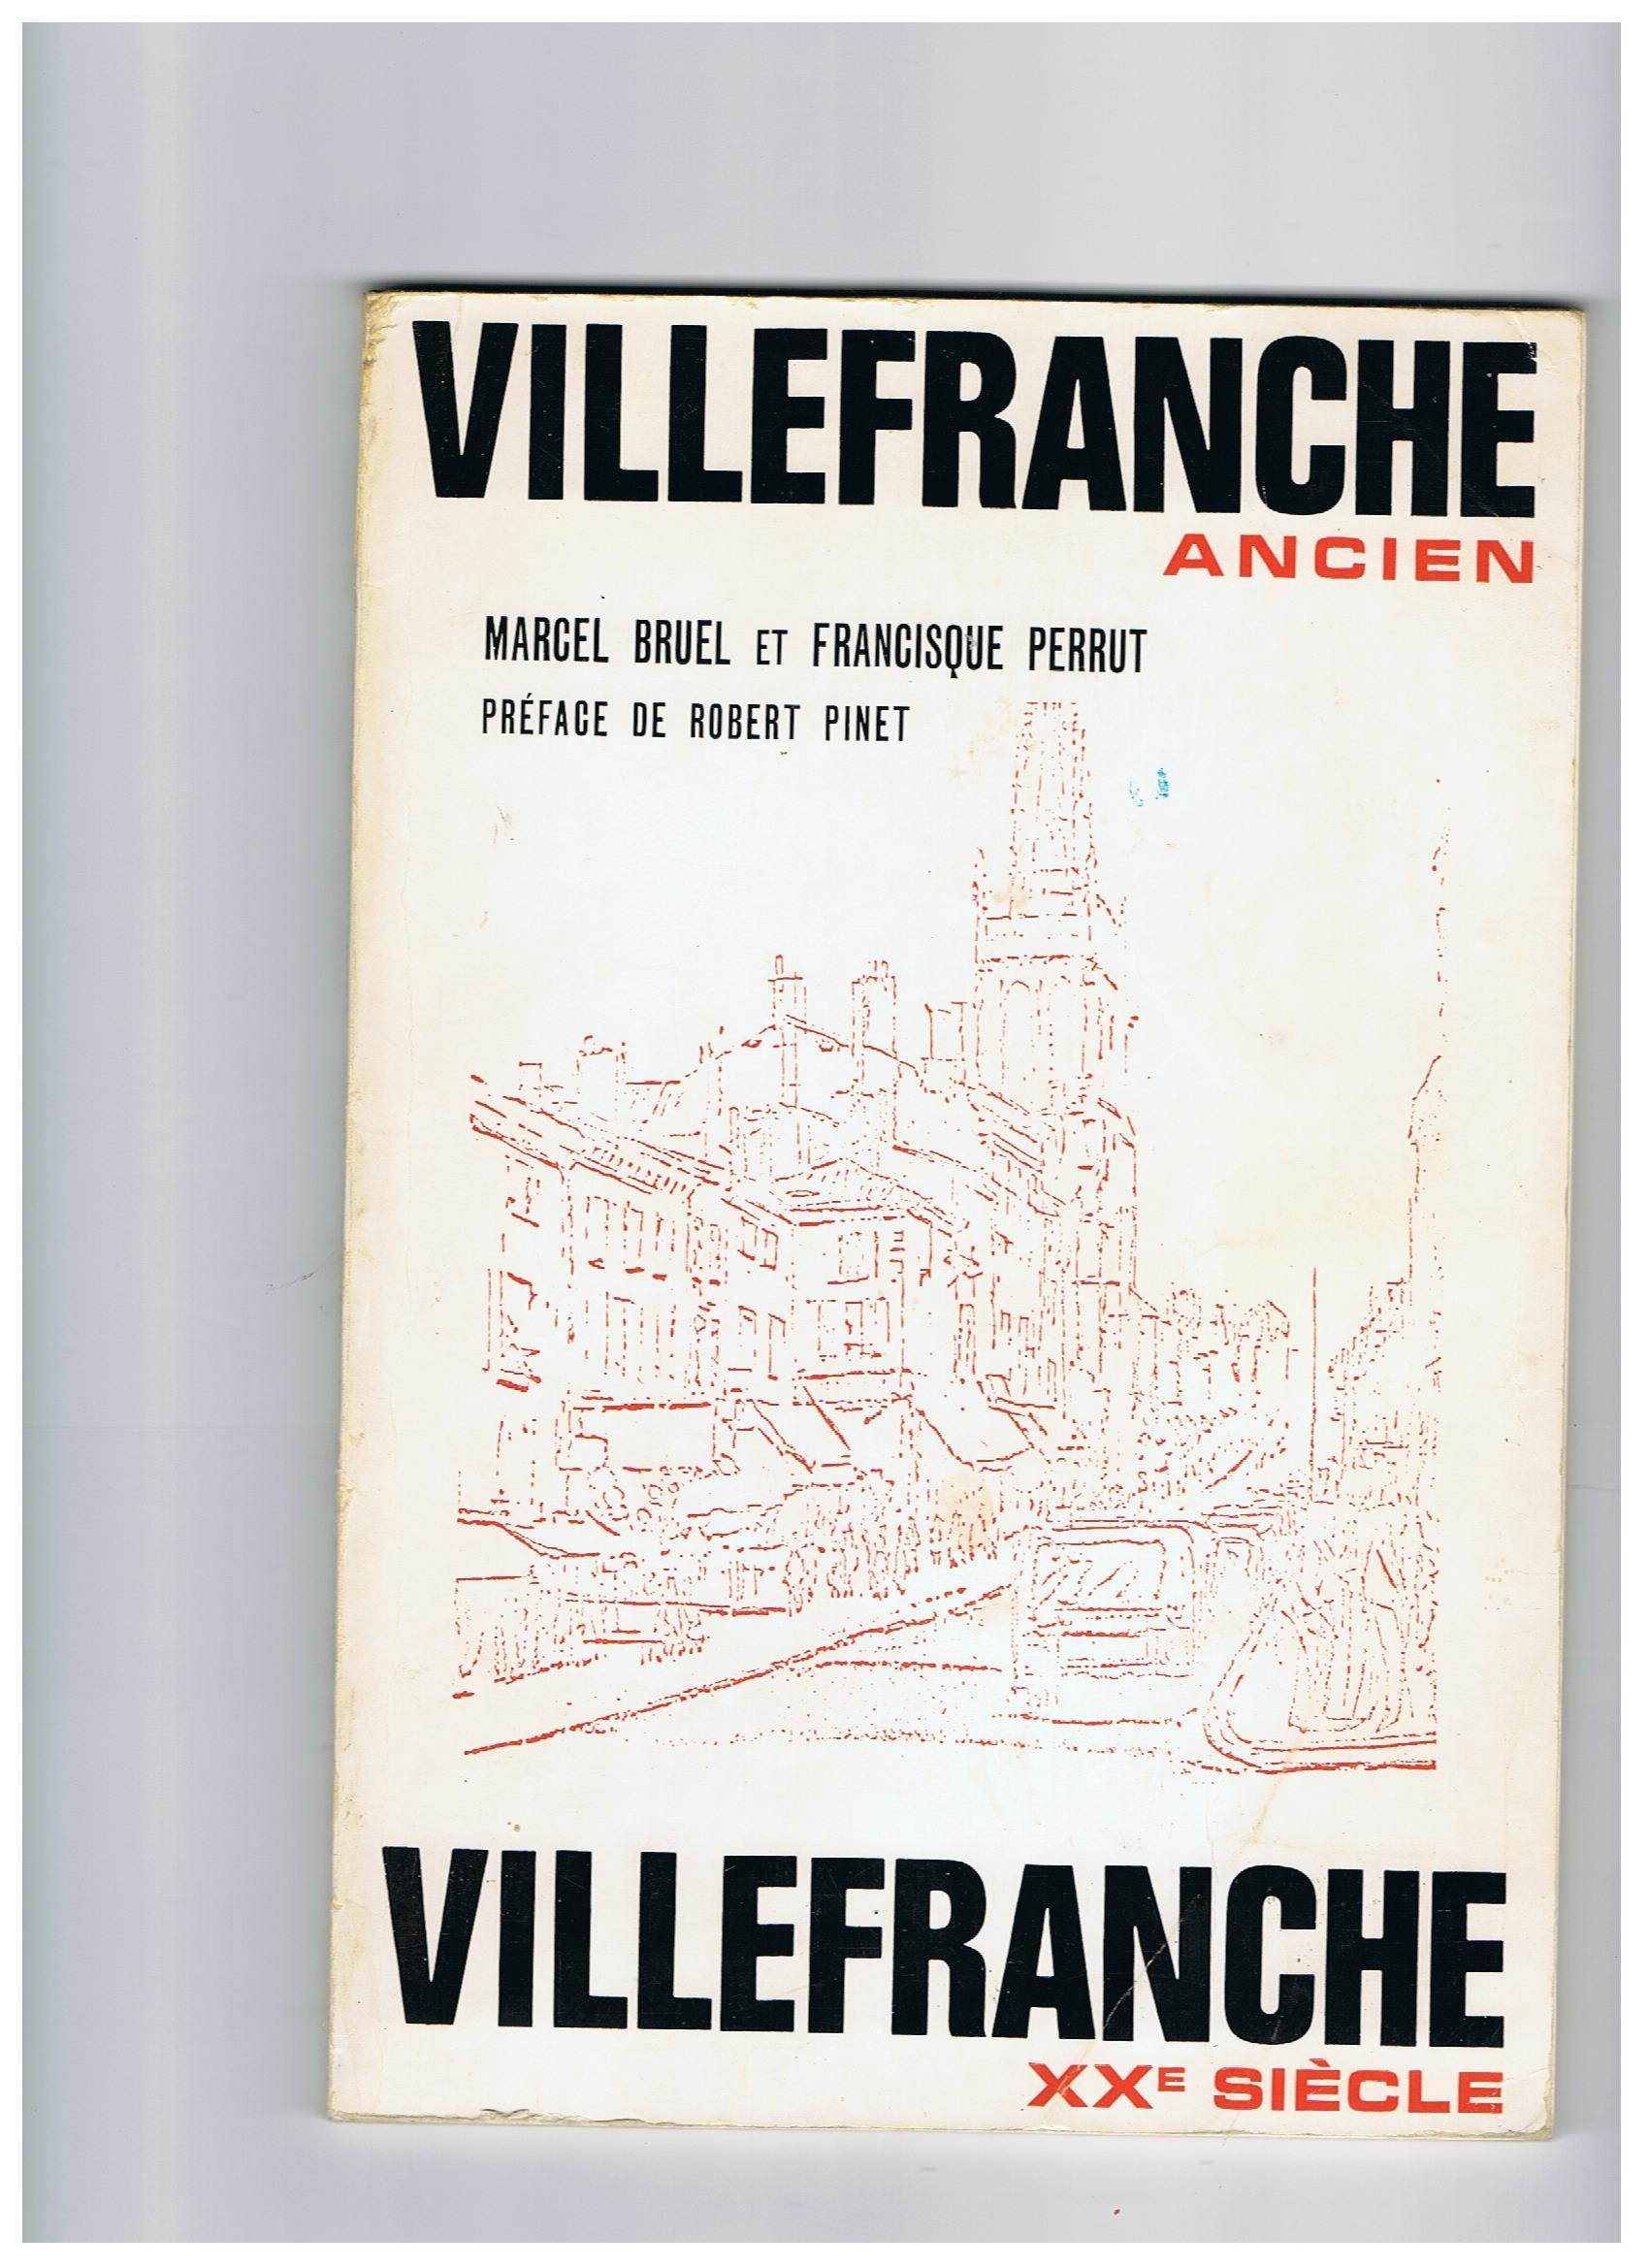 livre sur Villefranche 1971.jpeg